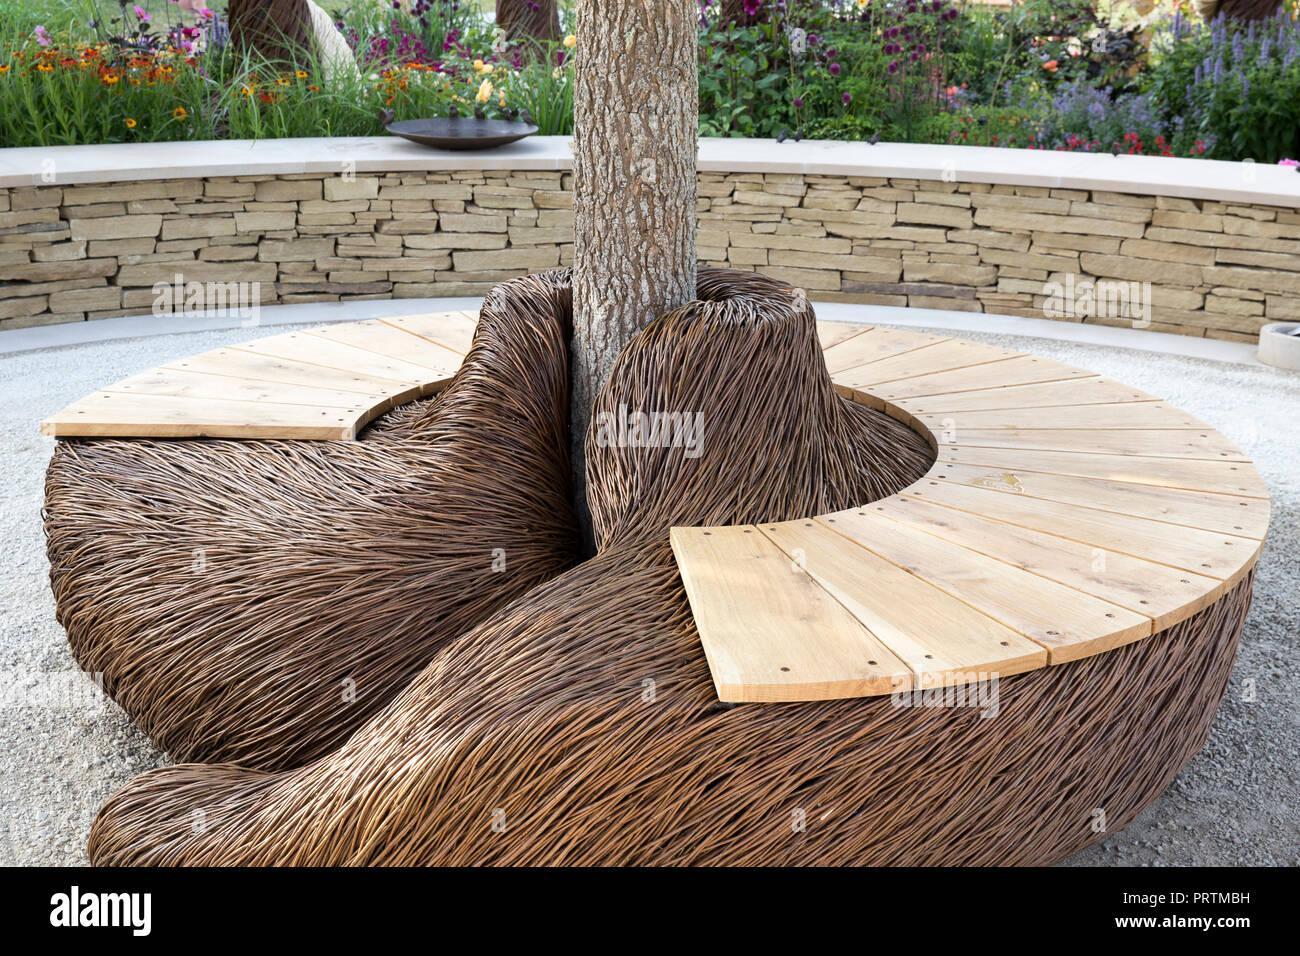 Super Wooden Circular Garden Bench Stock Photos Wooden Circular Creativecarmelina Interior Chair Design Creativecarmelinacom